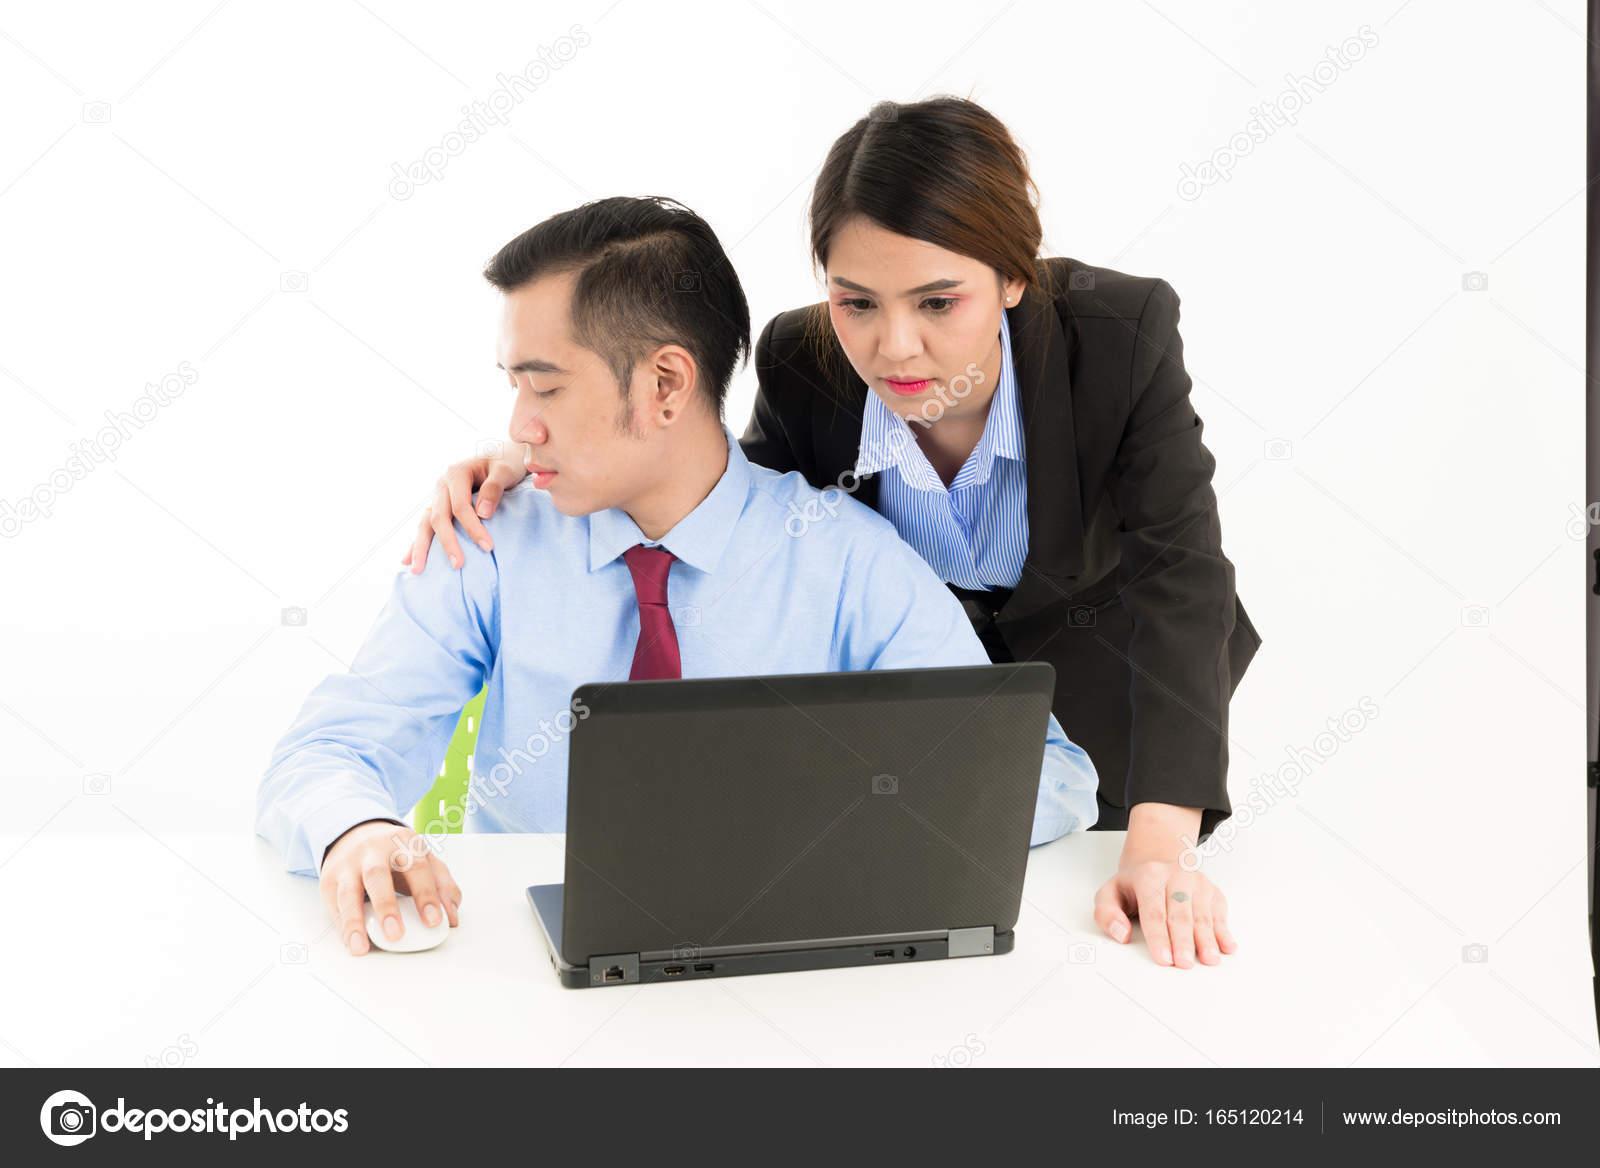 Bureau asie confiant jeune employé entreprise femme touch attra